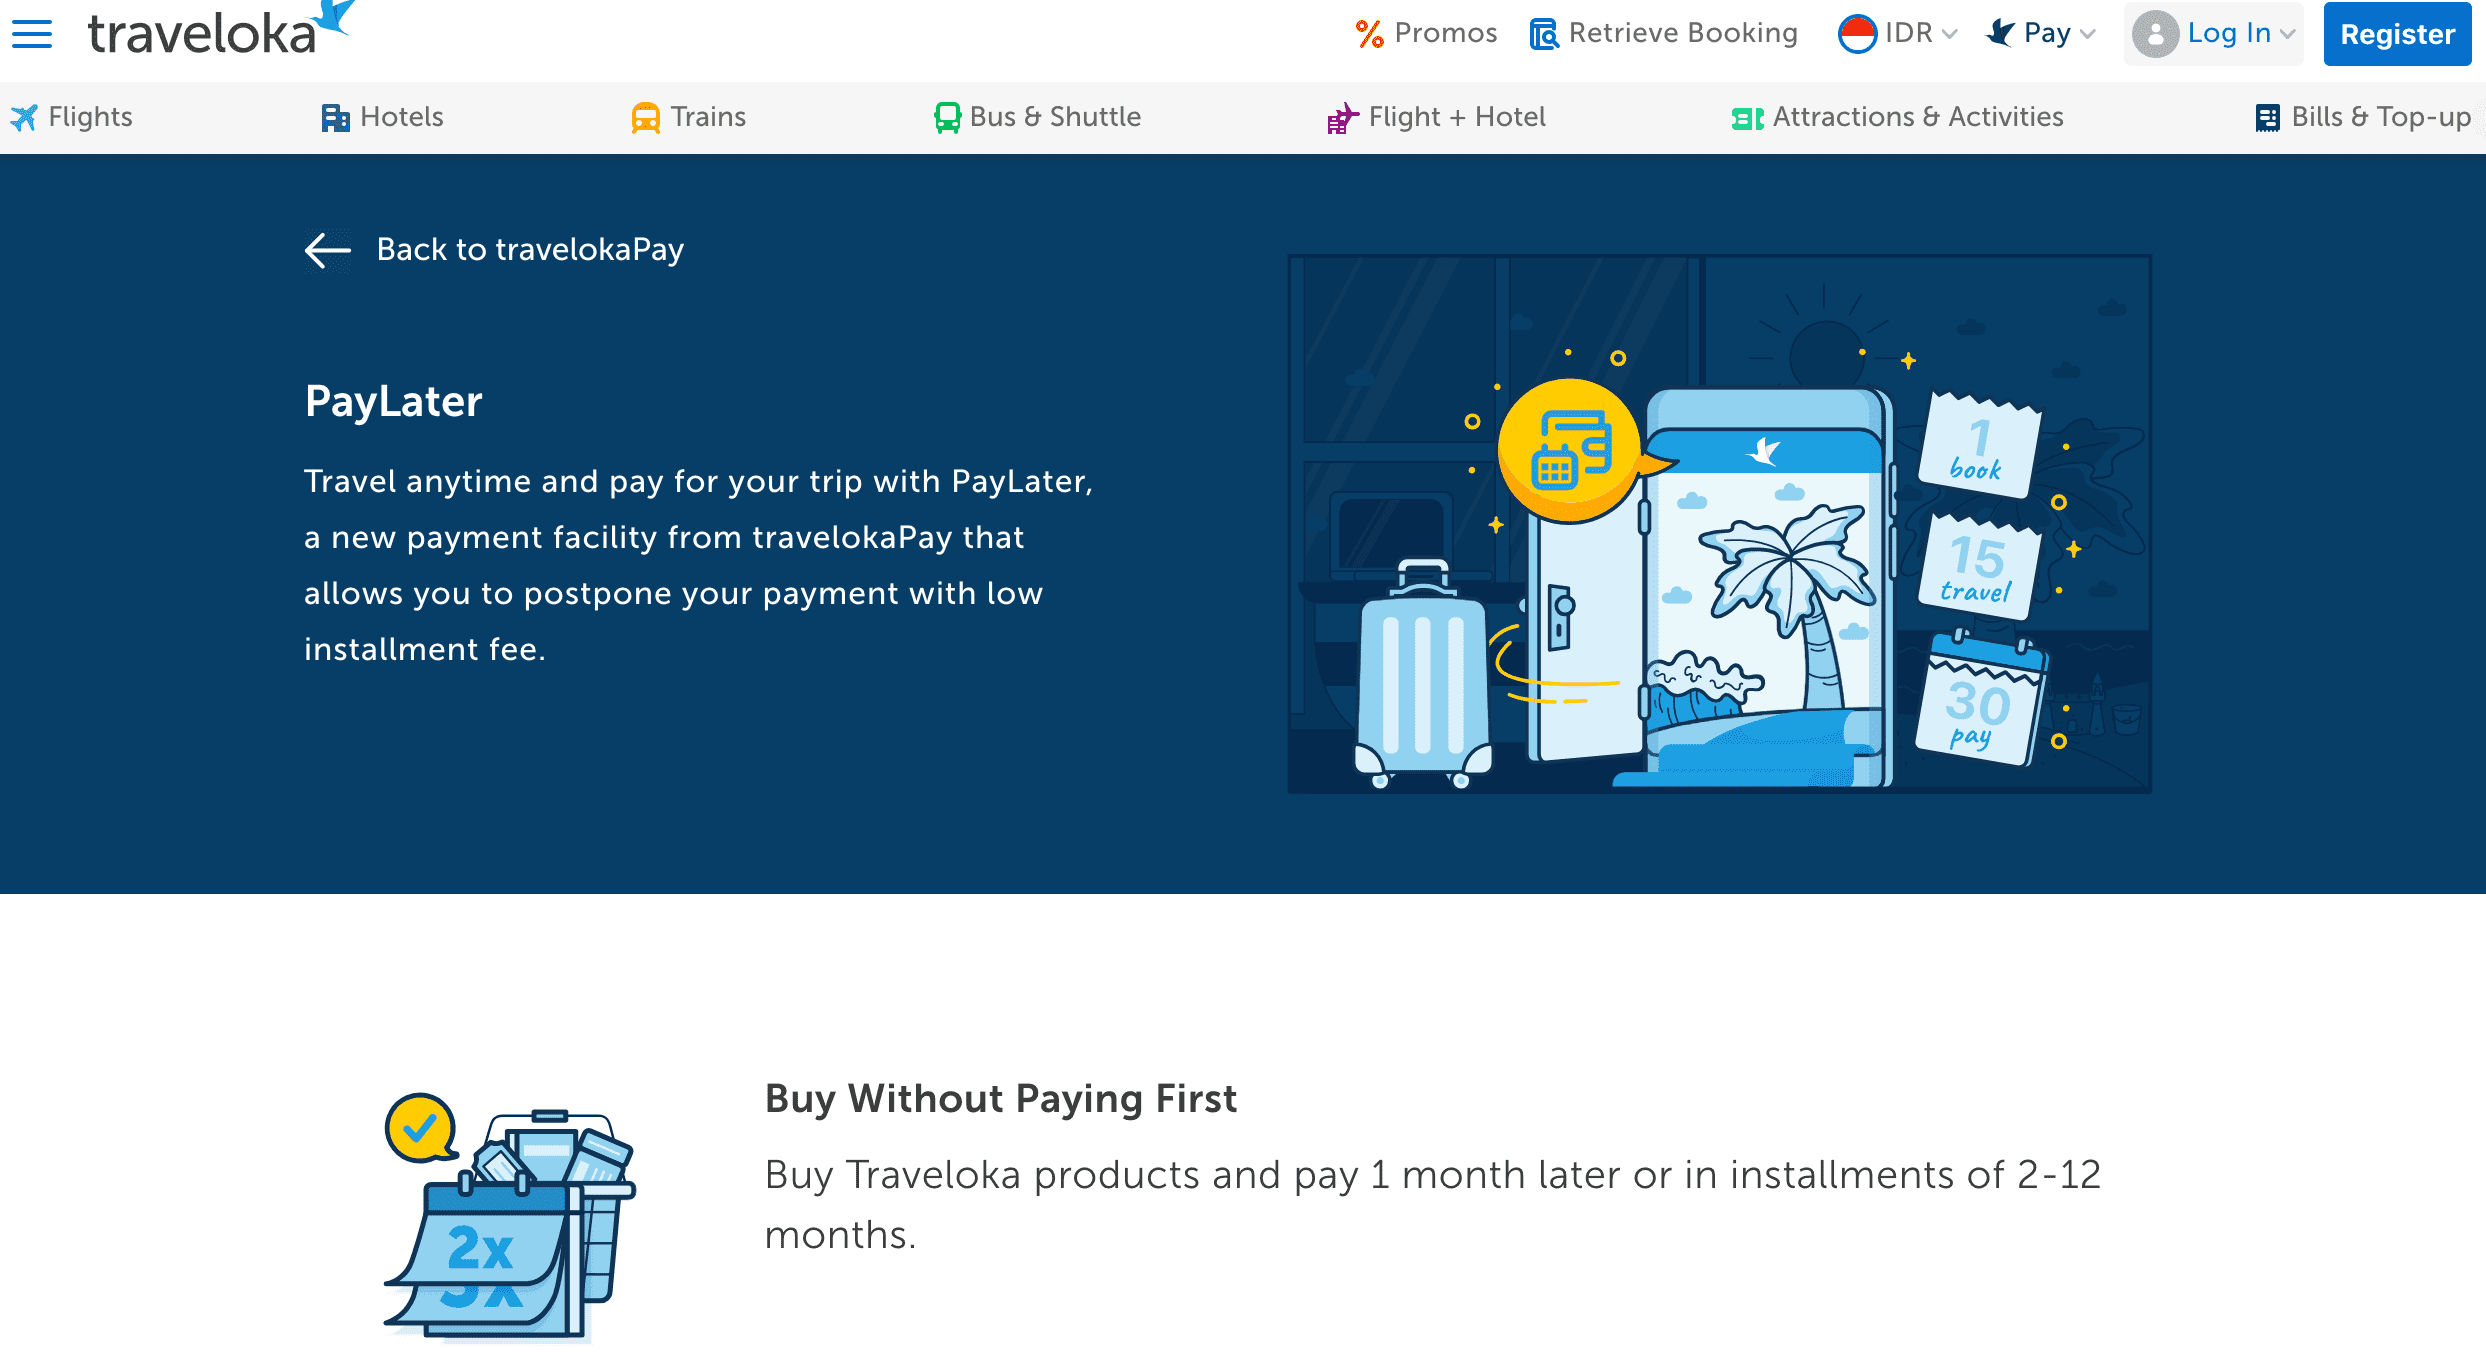 PayLater TravelokaPay